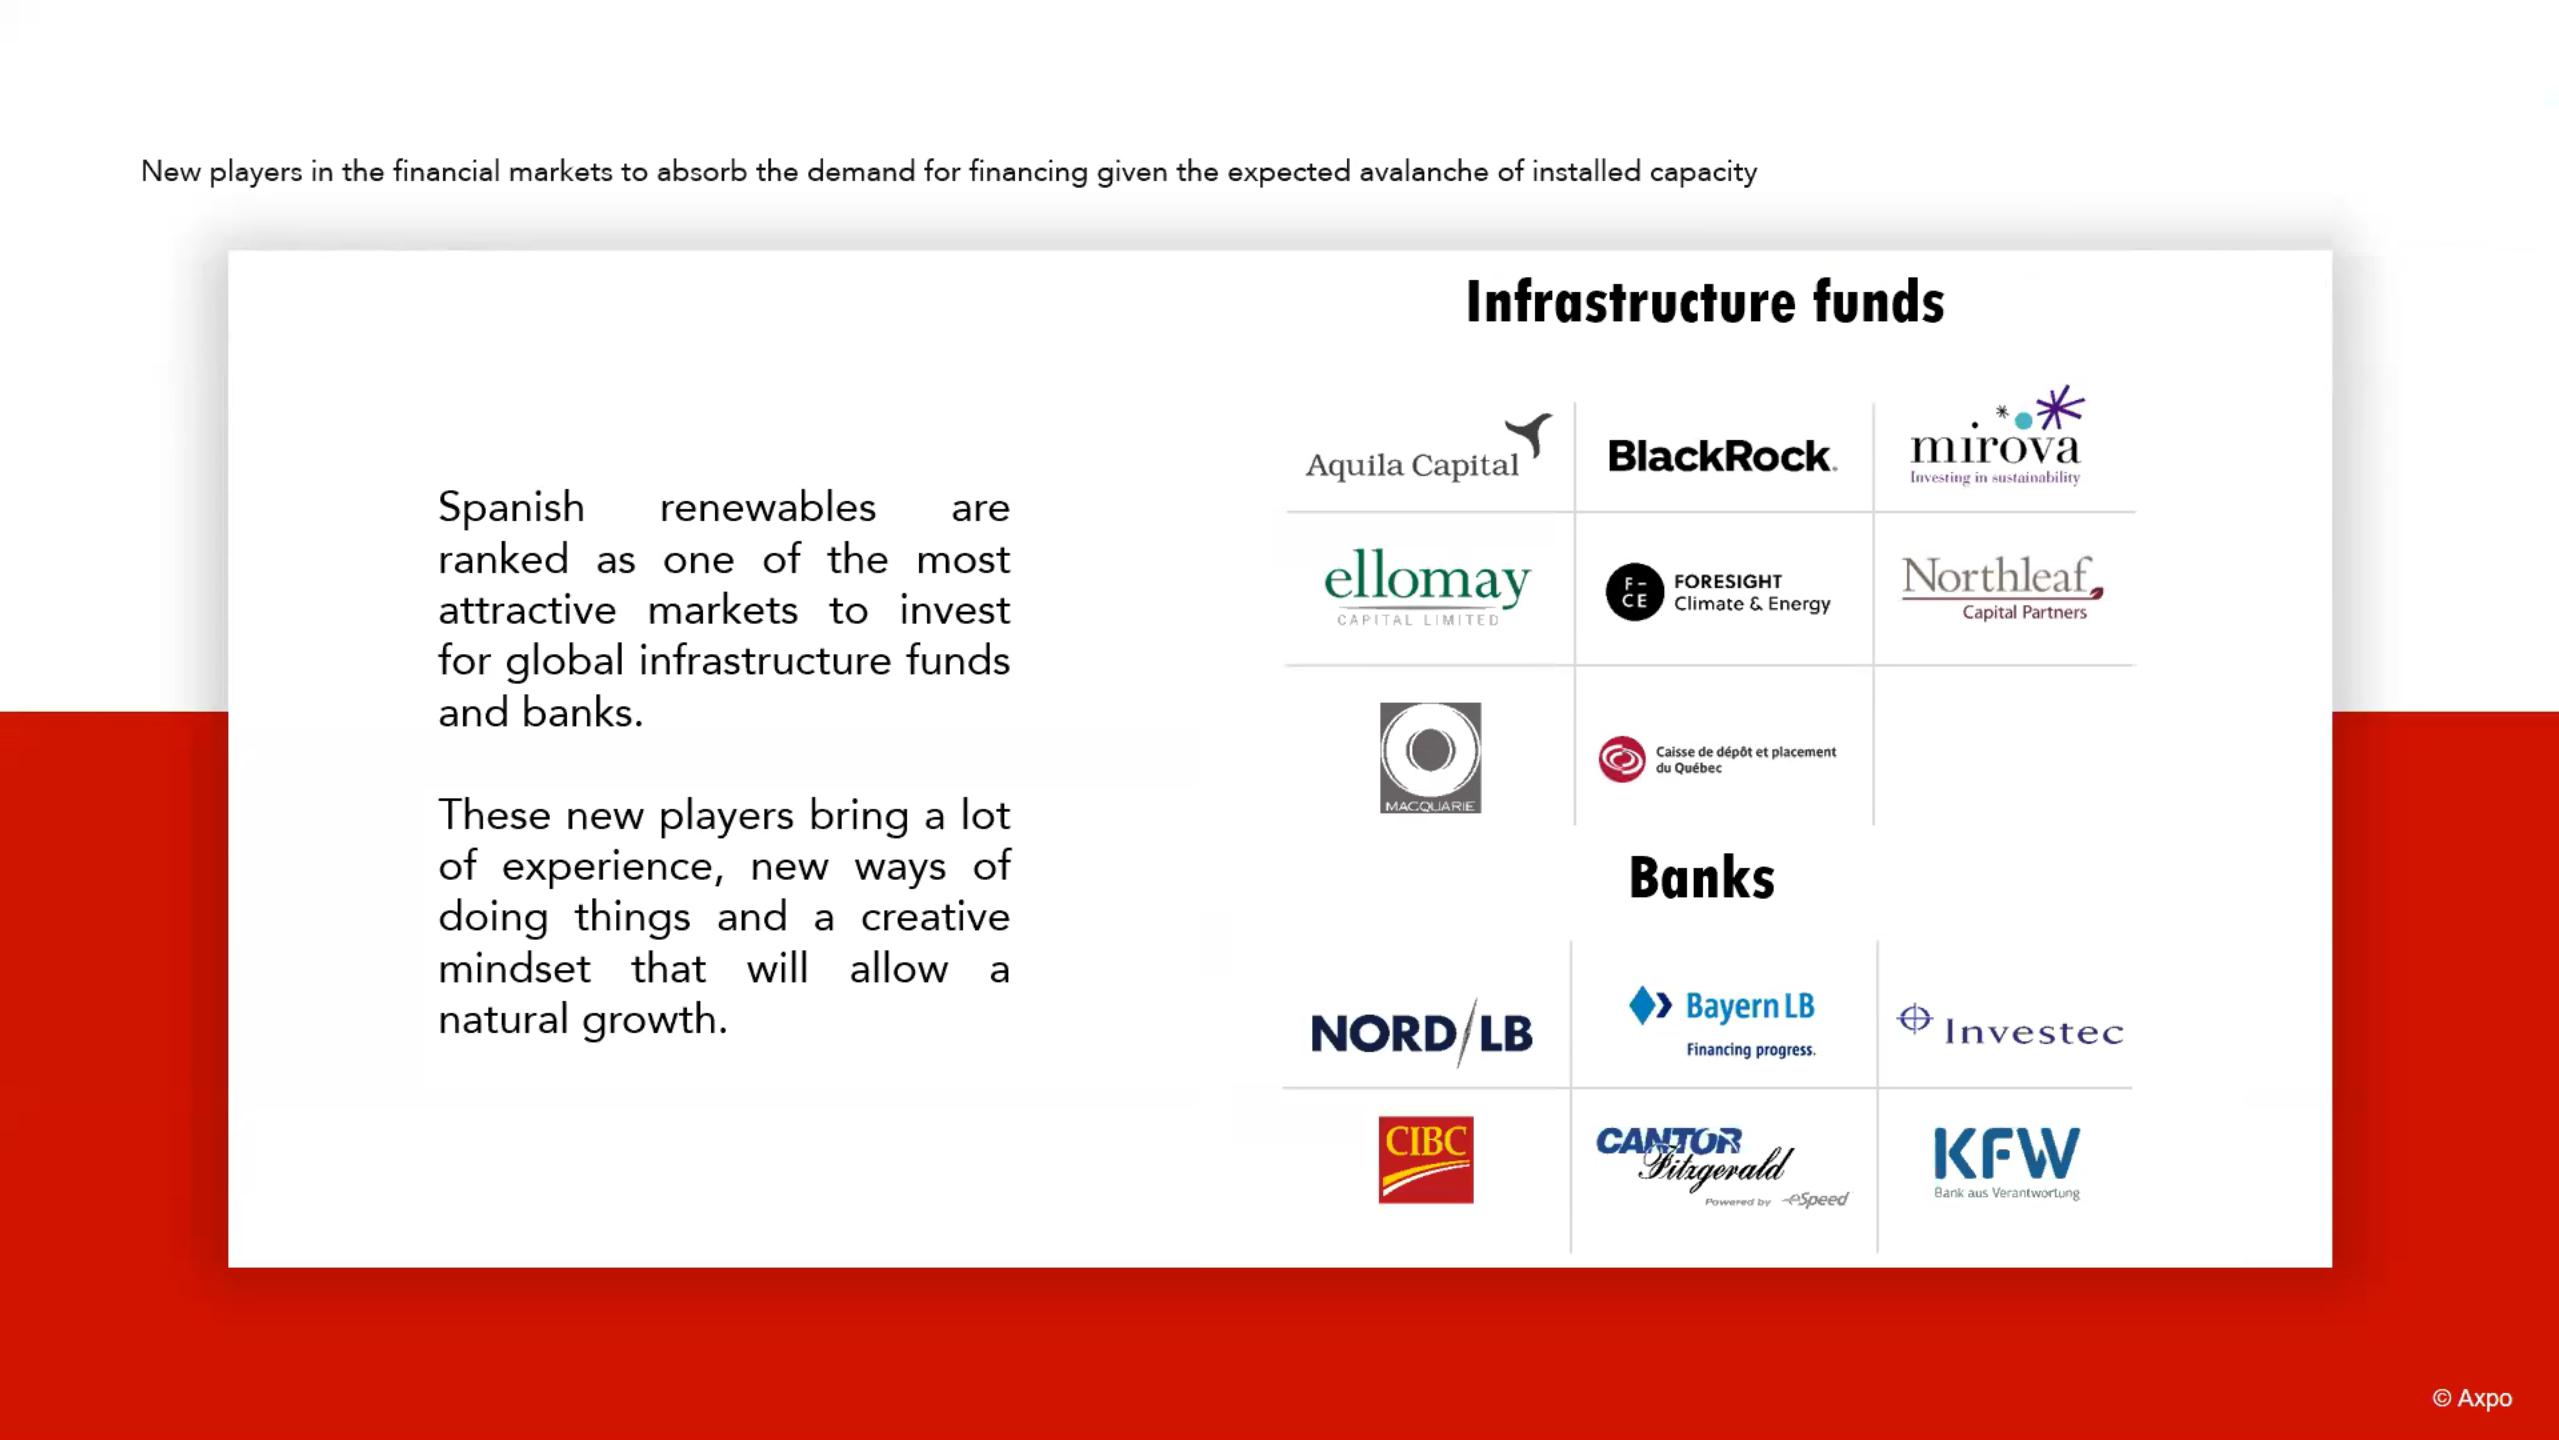 AleaSoft - Nuevos actores mercados financieros capacidad renovable